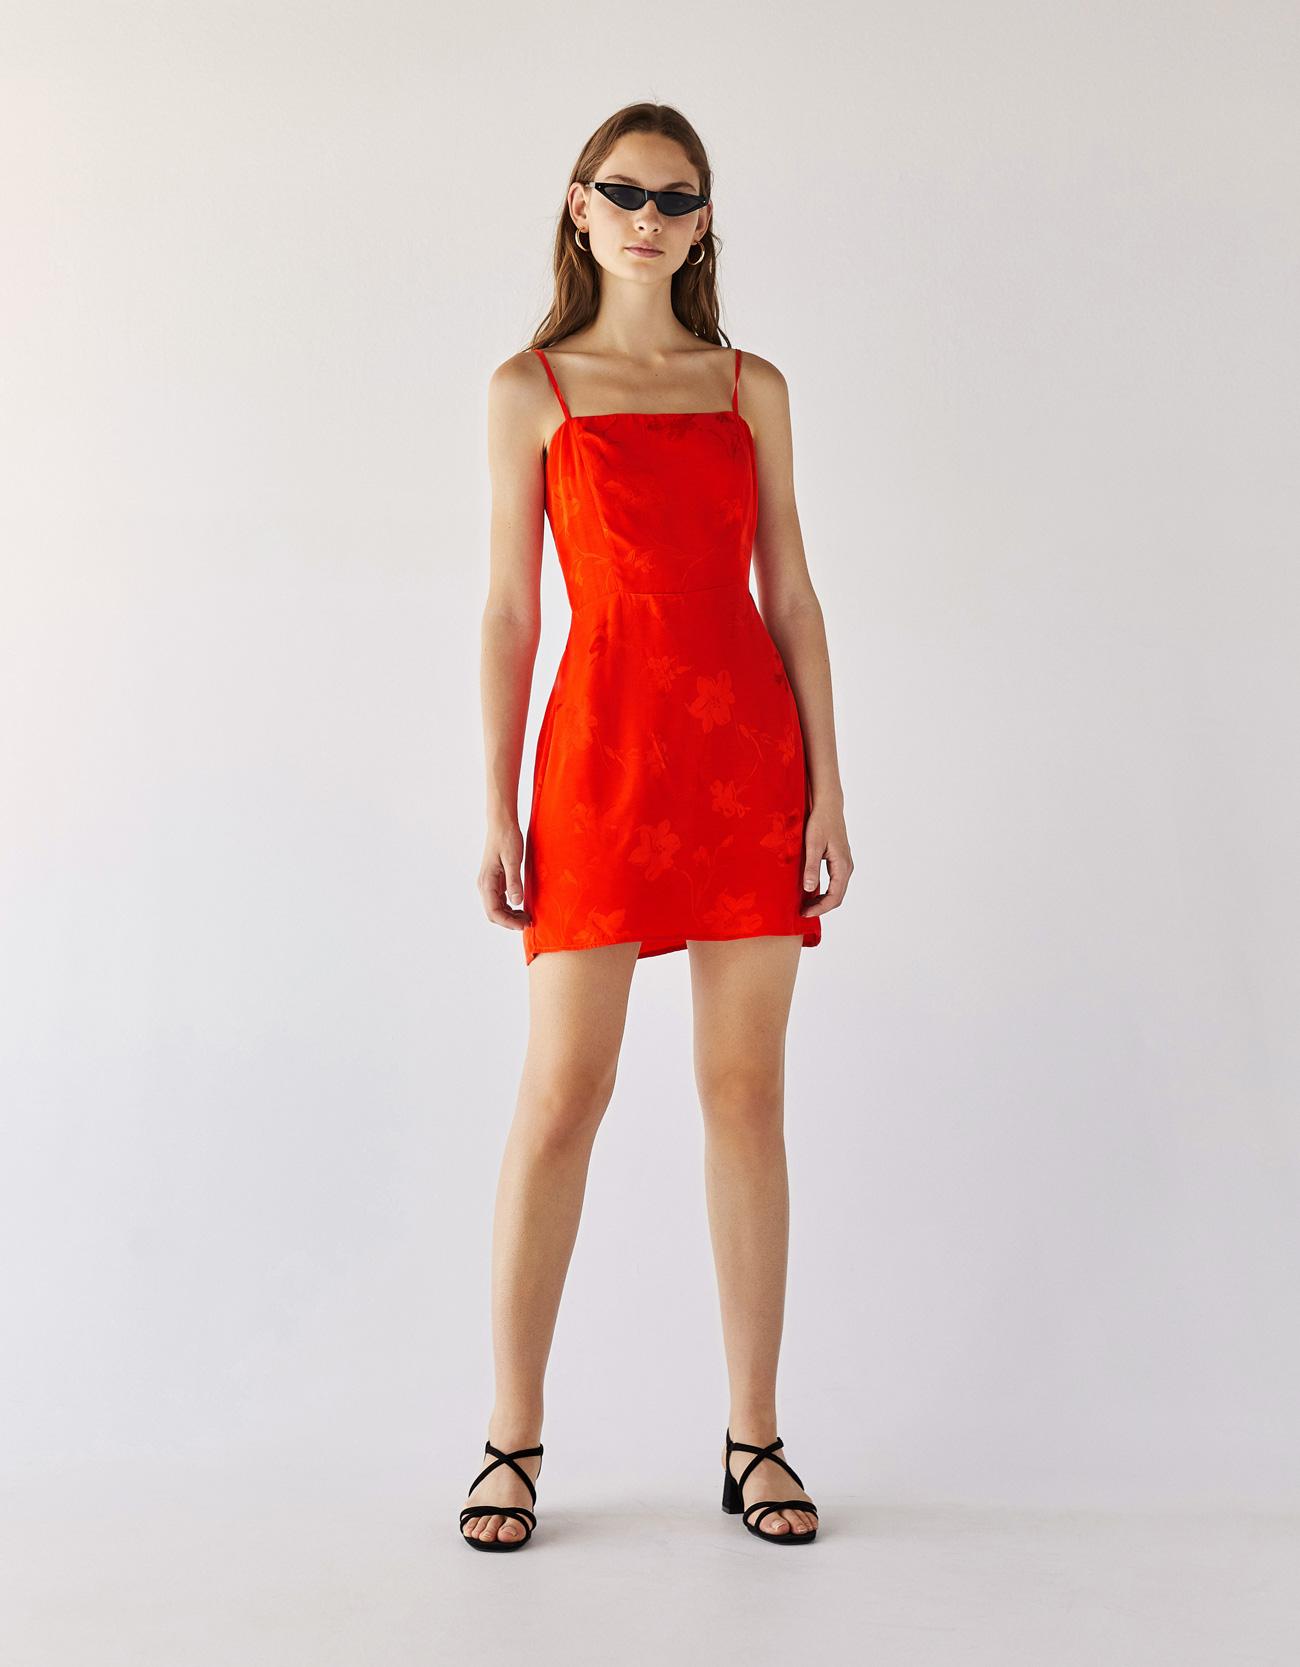 piros viragmintas mini ruha bershka.jpg. Bershka - 8995 Ft.  mohito pasztell asszimmetrikus fodros bojtos rozsaszin ruha.jpg 3cf941f3f5